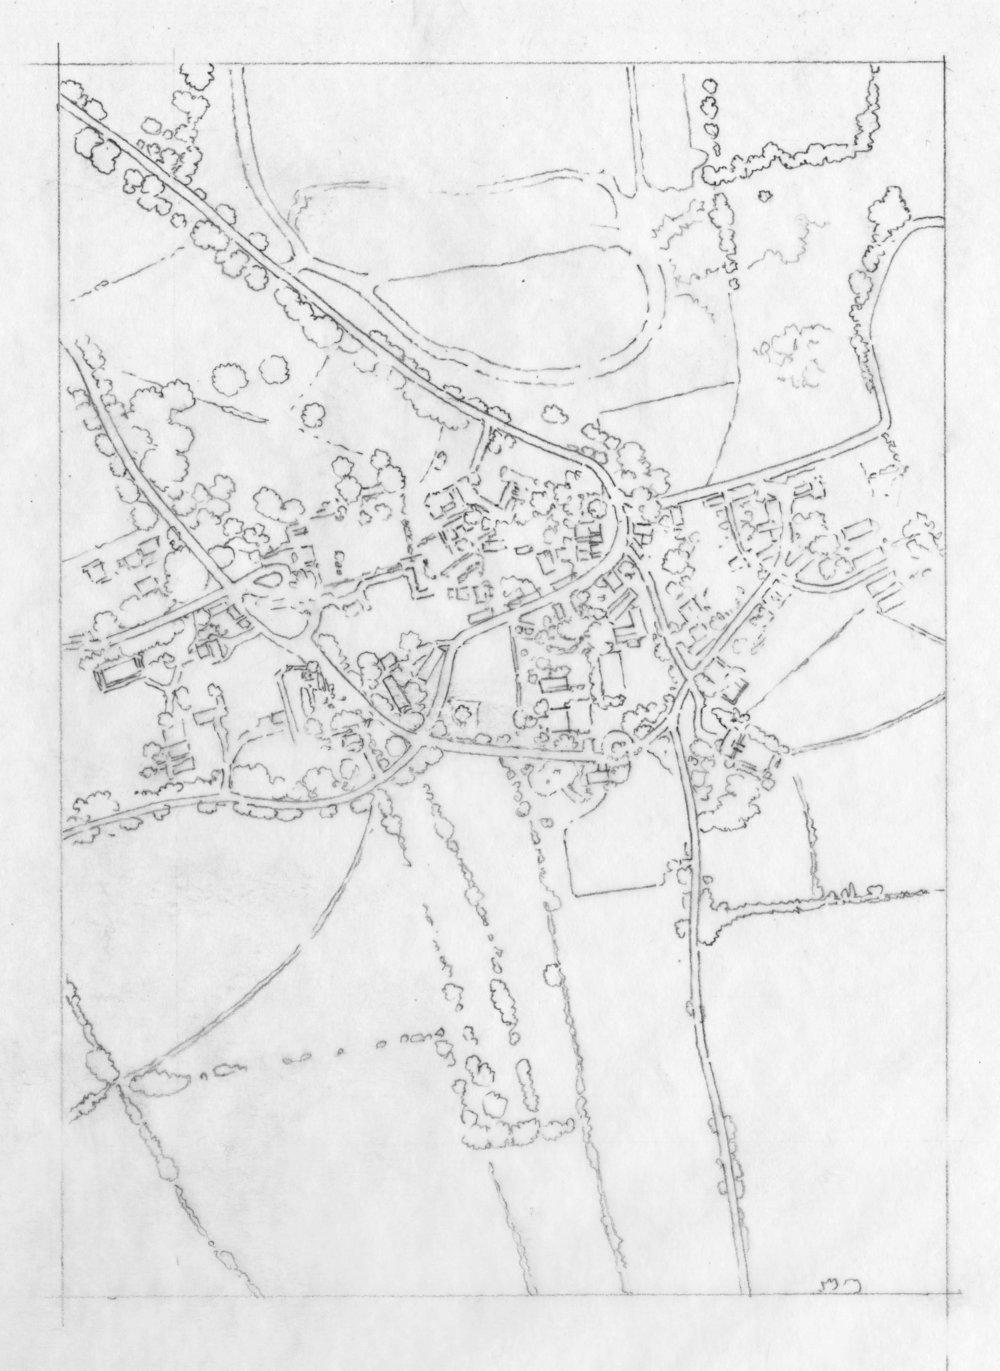 Maugersbury map sketch001.jpg